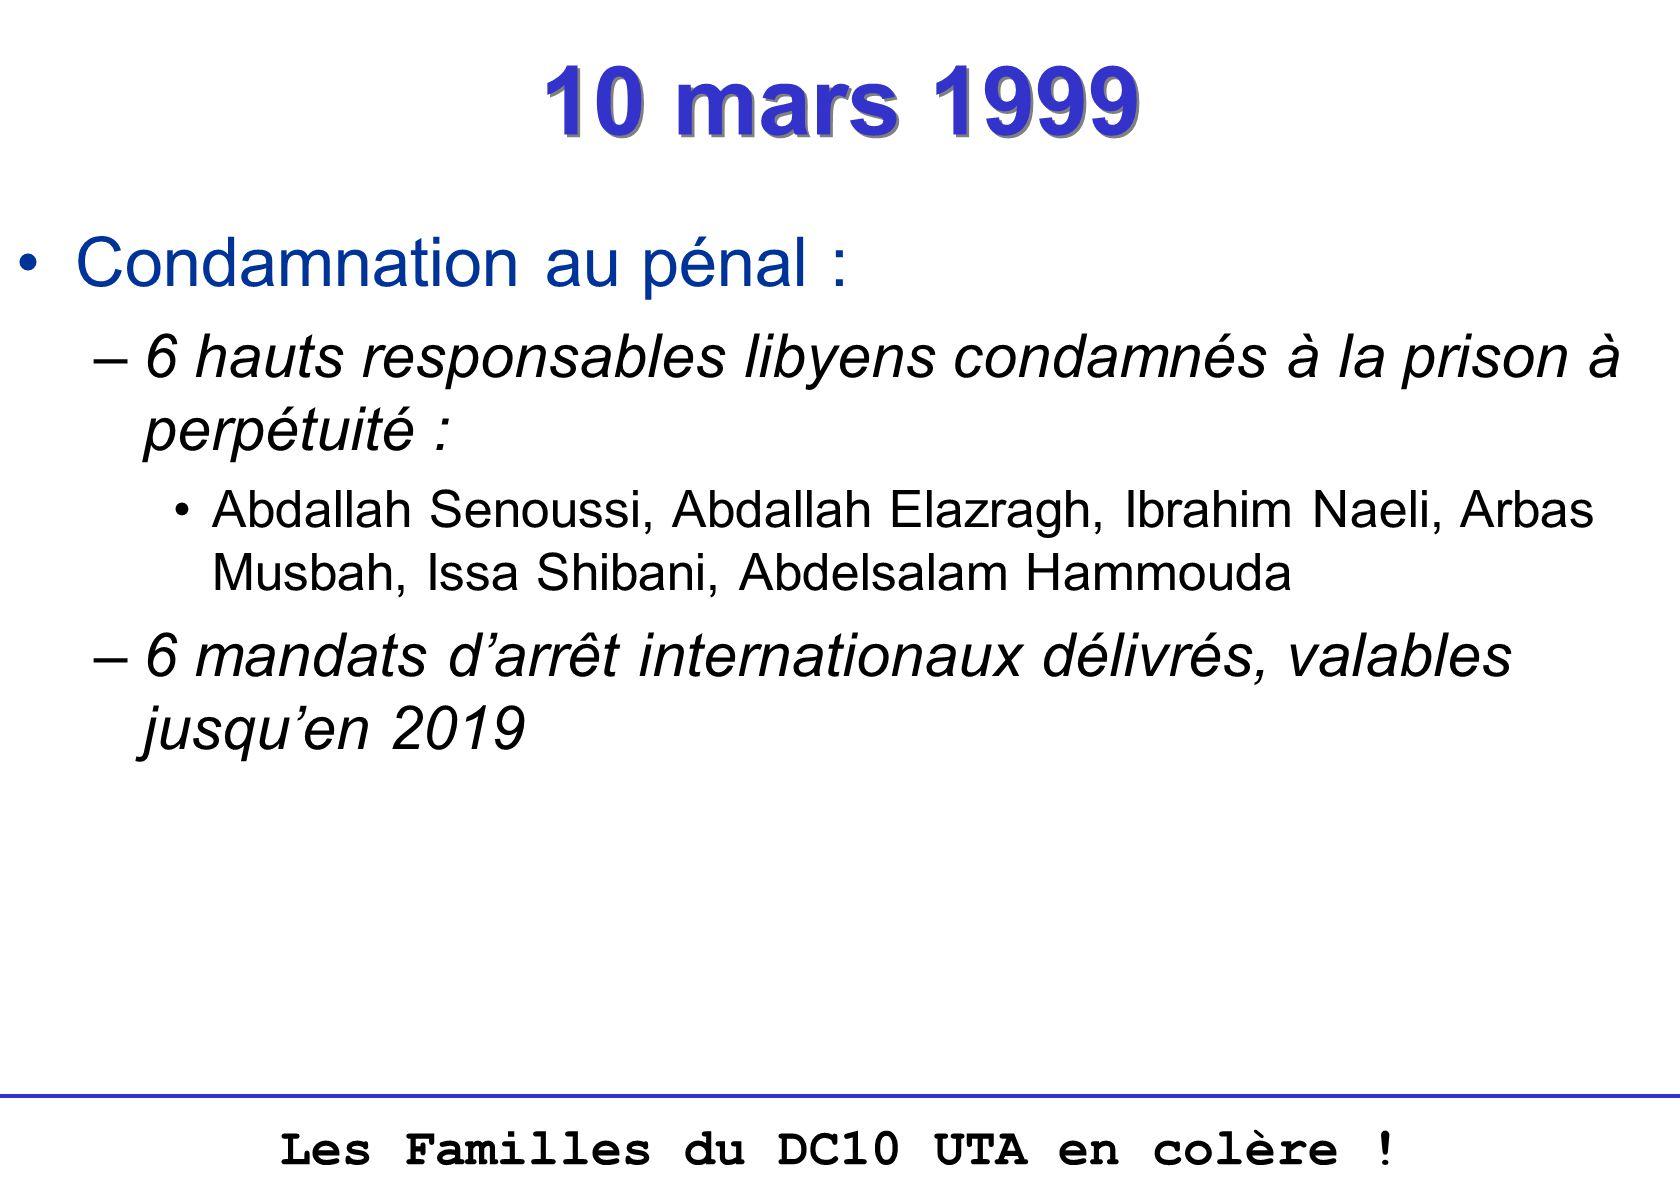 10 mars 1999 Condamnation au pénal :